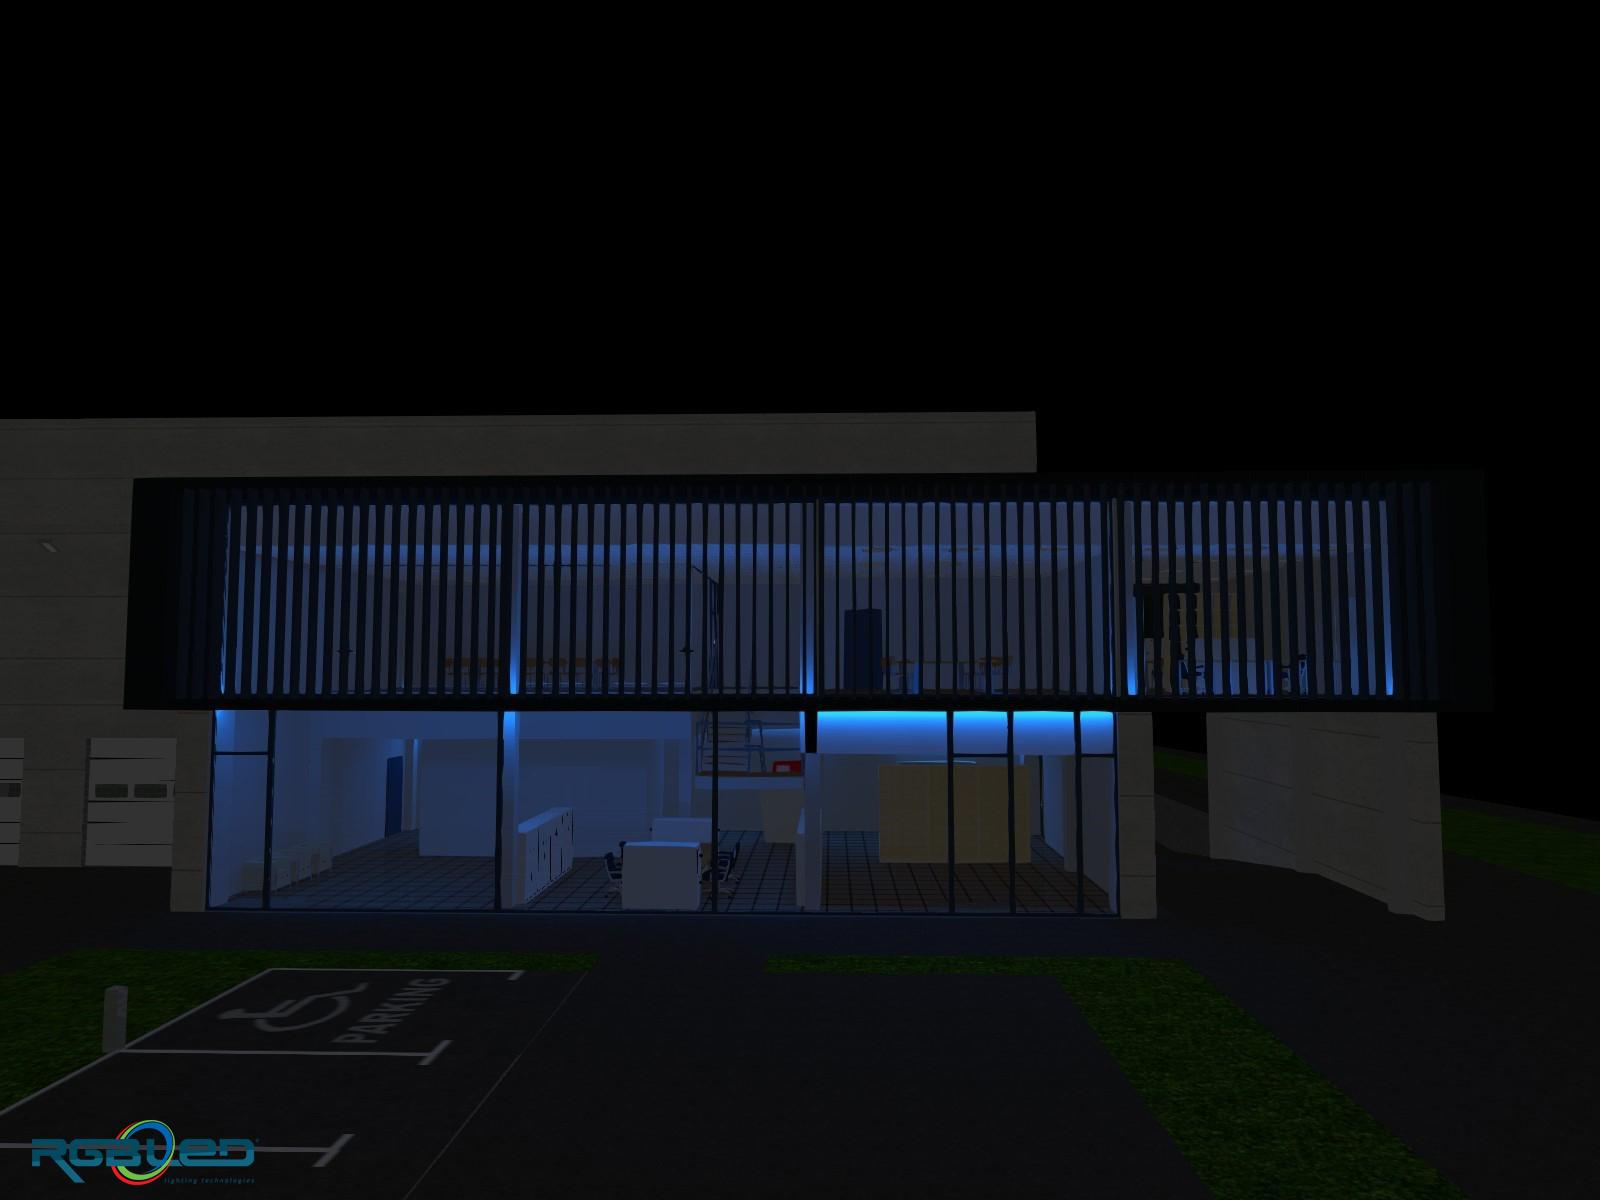 Wimpau – Terrein – 02 nacht